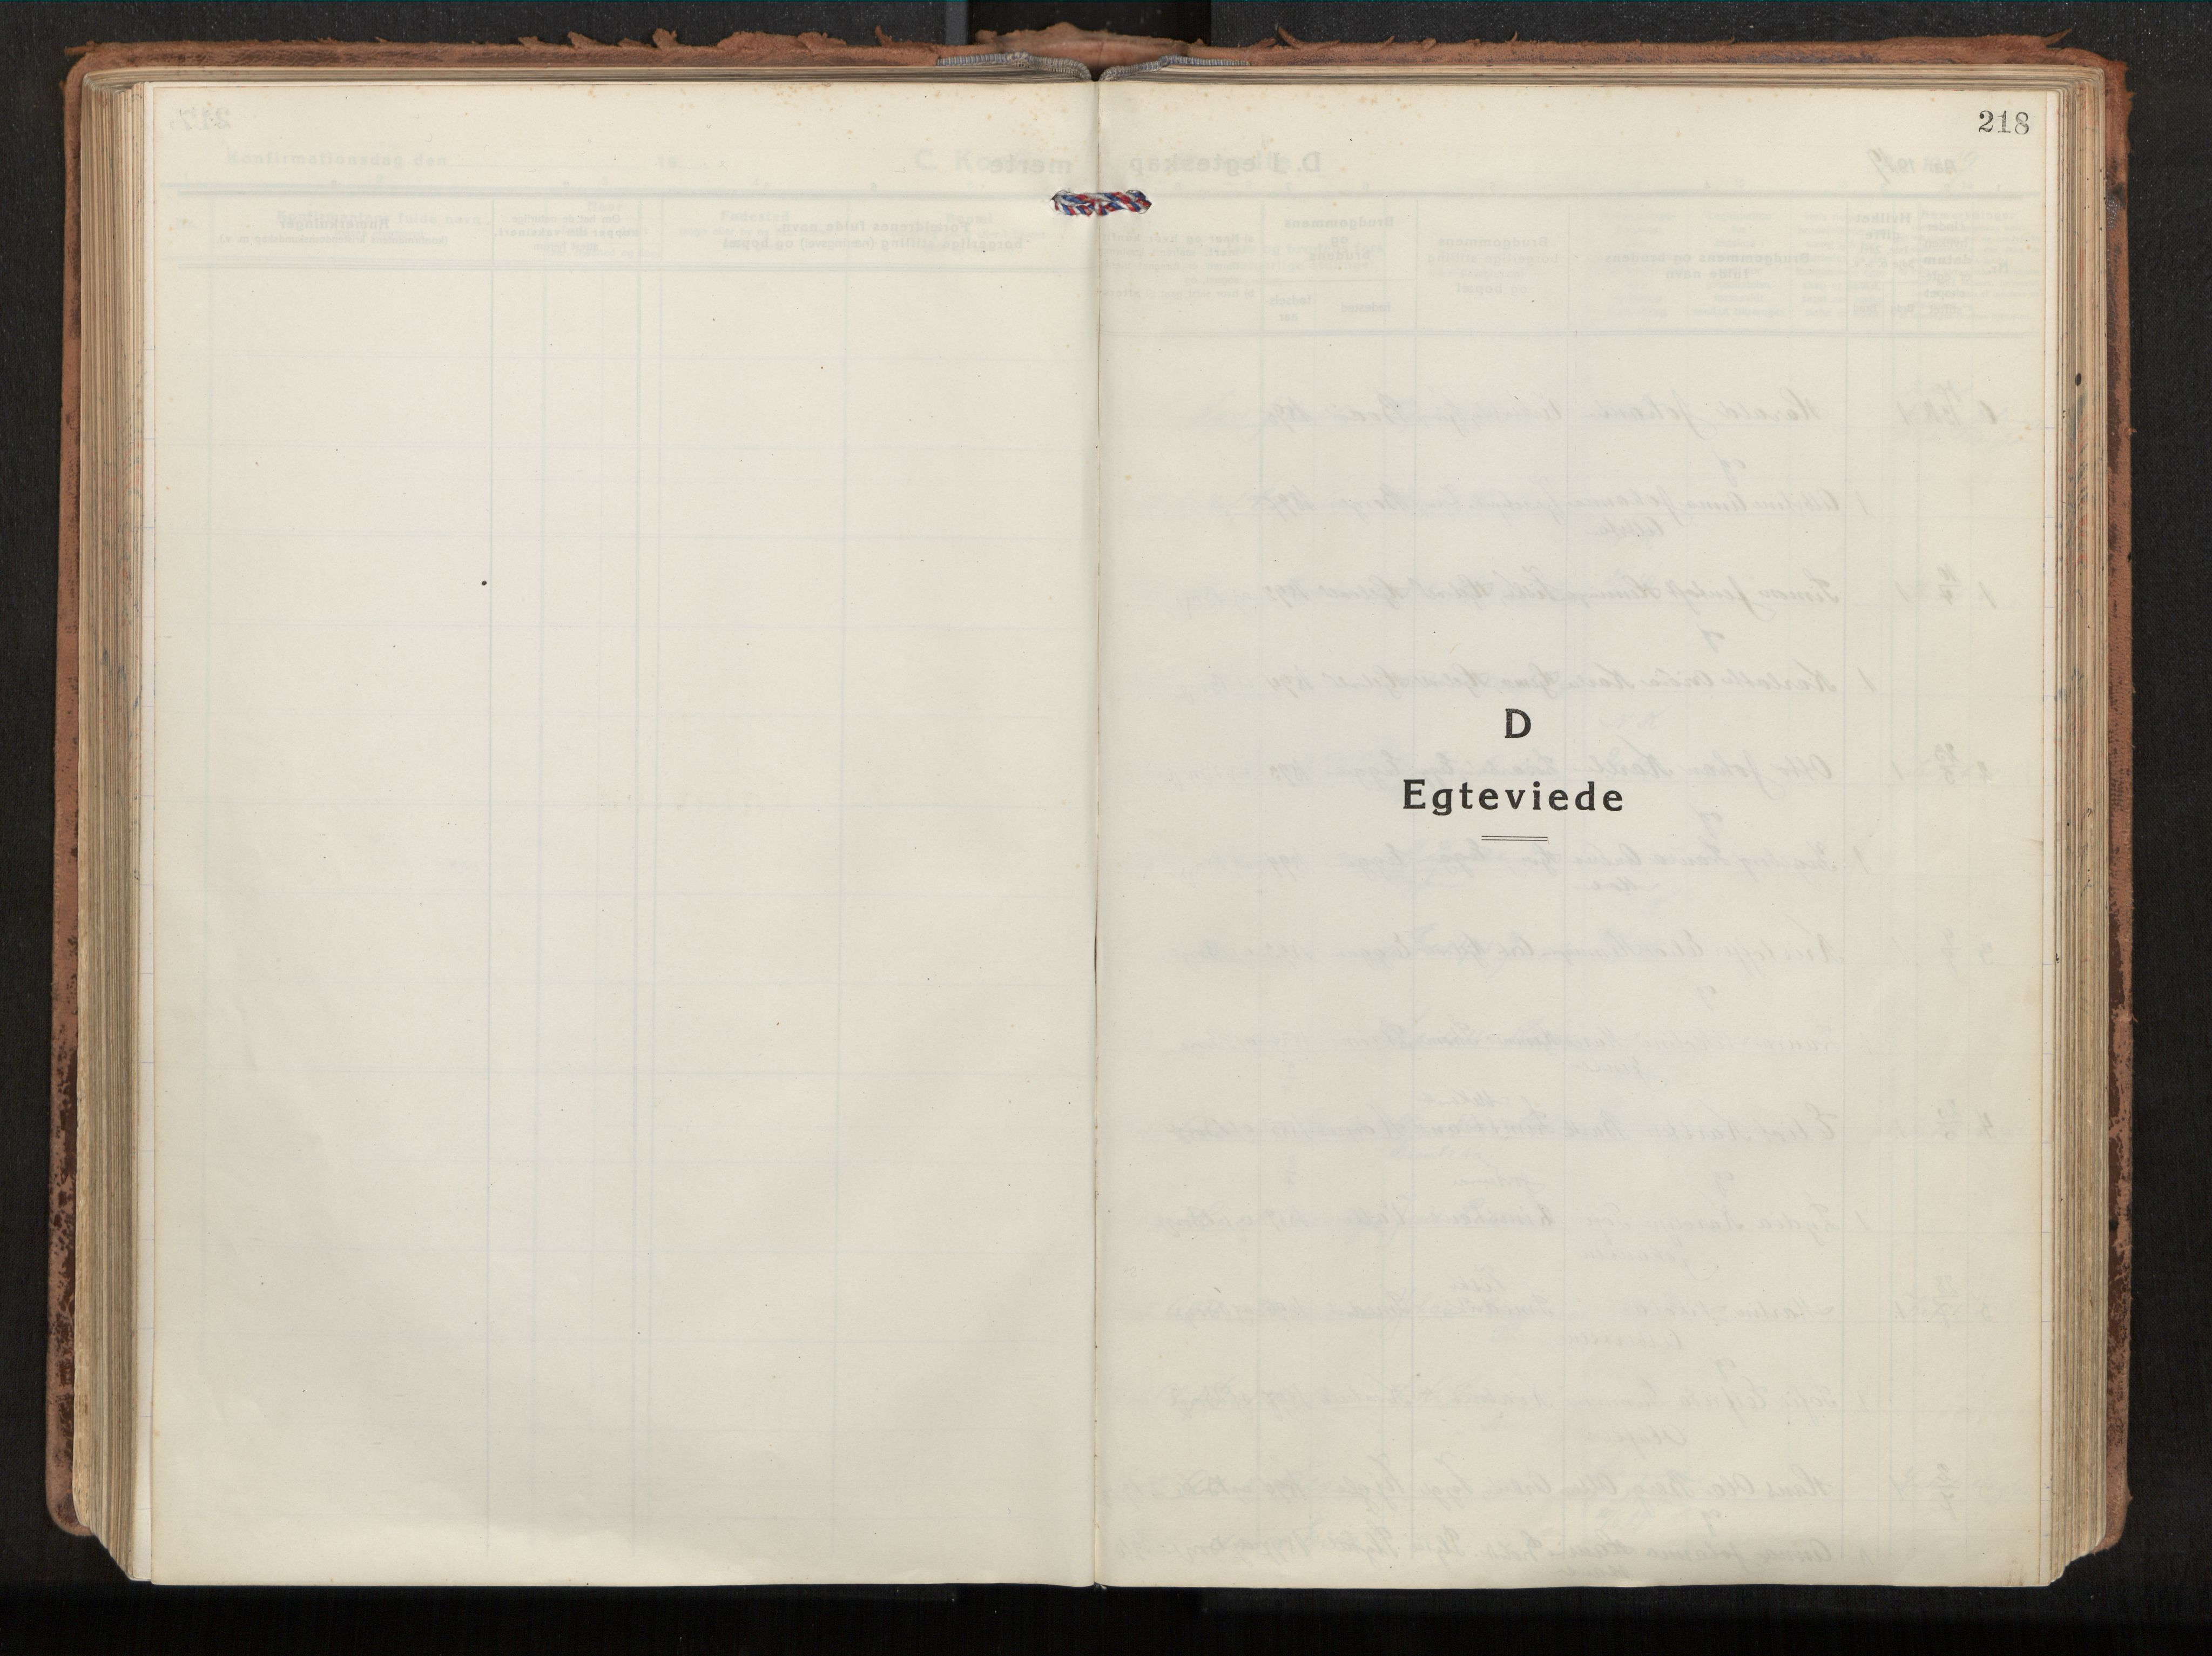 SAT, Ministerialprotokoller, klokkerbøker og fødselsregistre - Nordland, 880/L1136: Parish register (official) no. 880A10, 1919-1927, p. 218